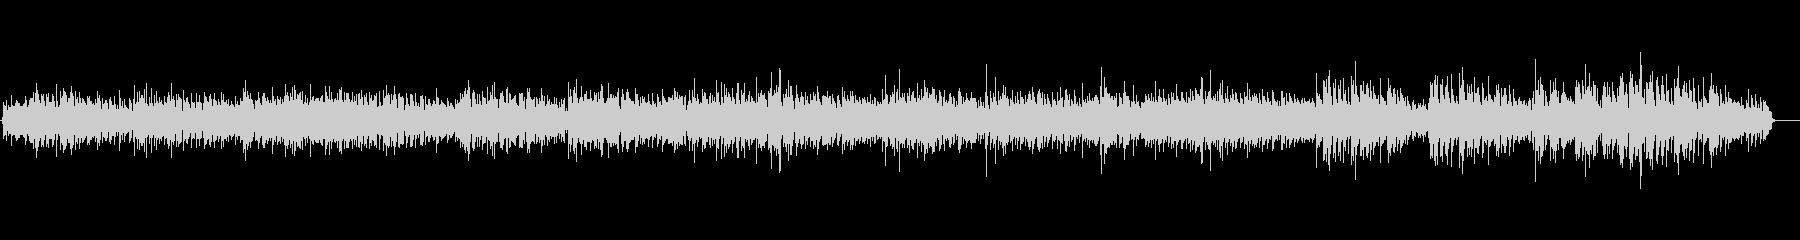 ワクワク心躍るシンプルなピアノBGMの未再生の波形